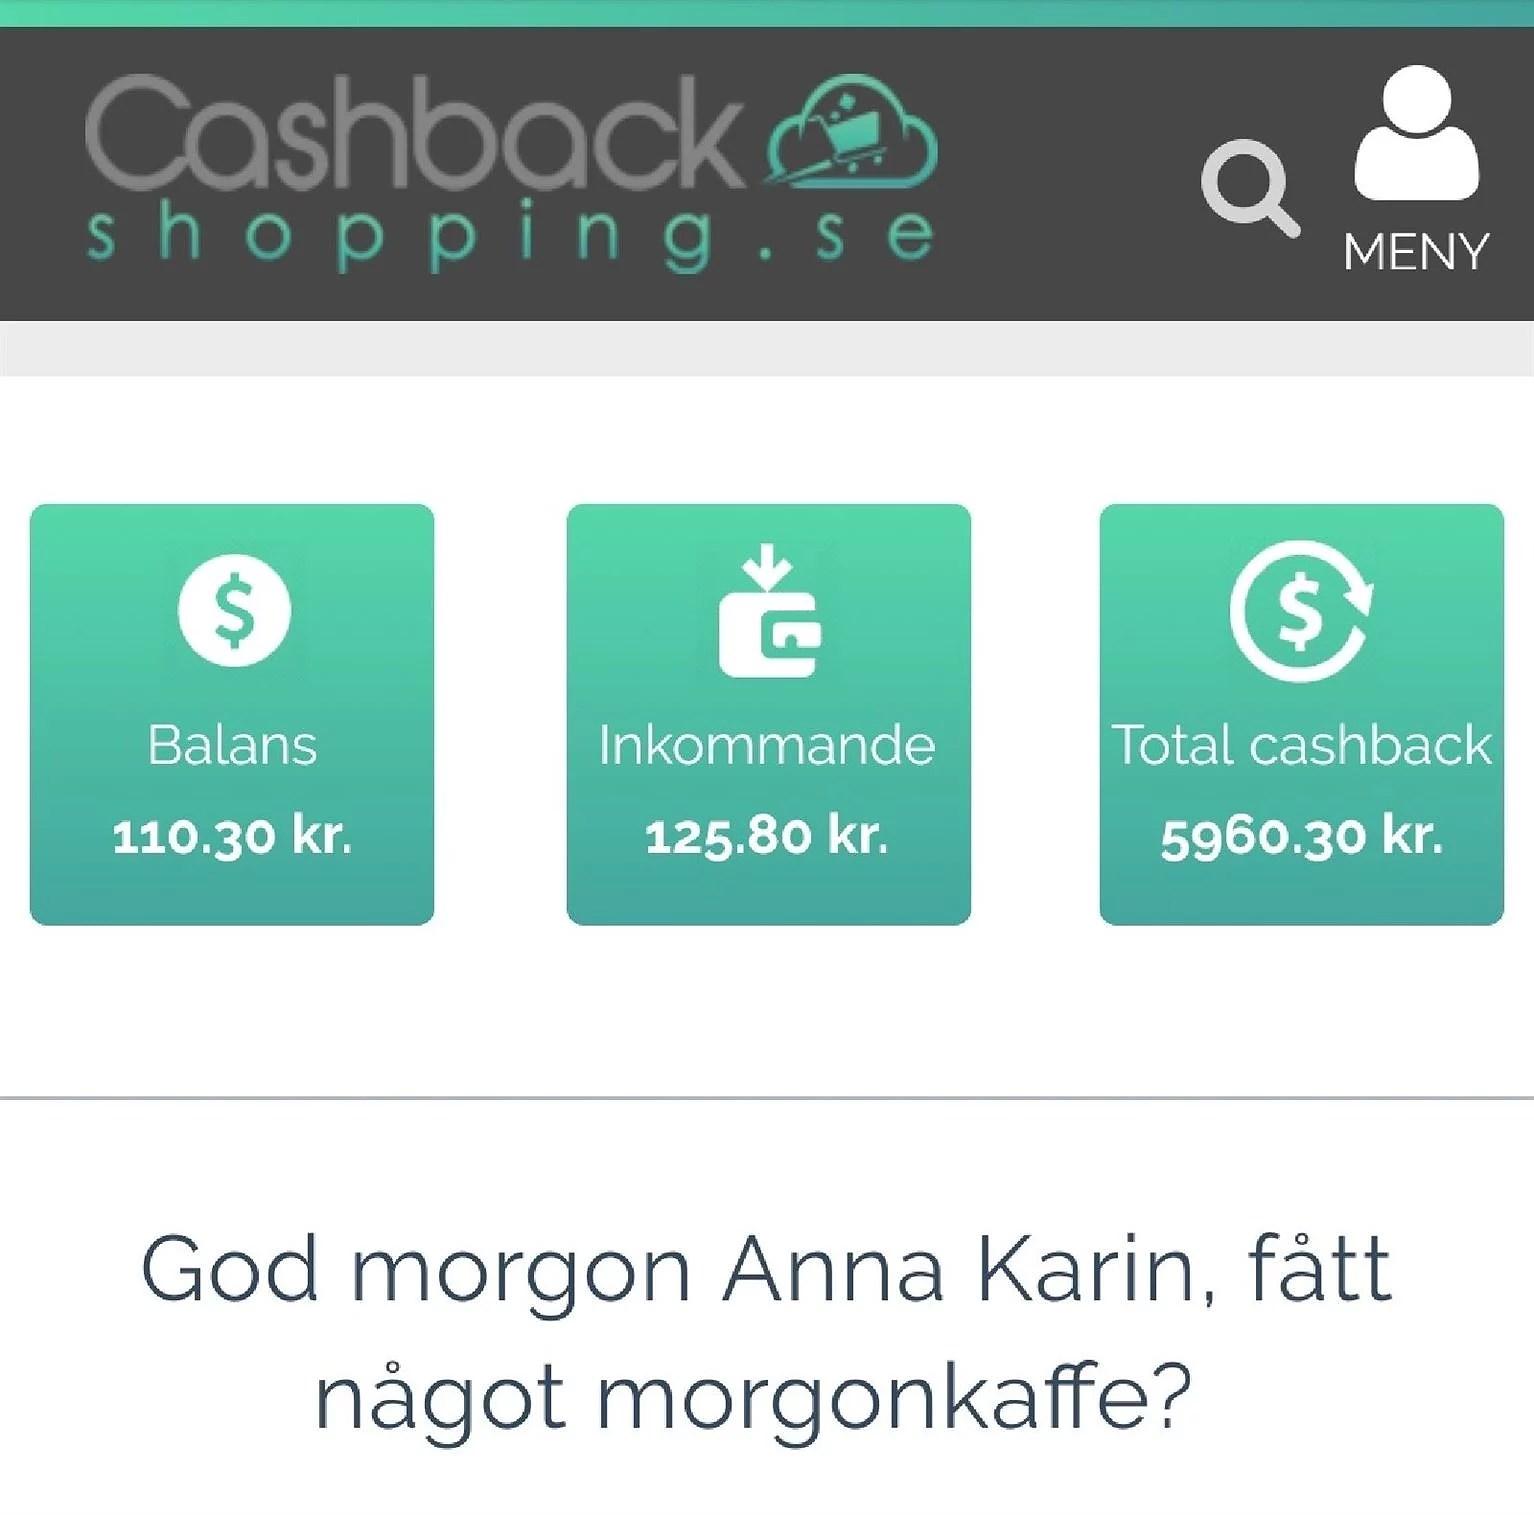 Dagens uttag av cashback